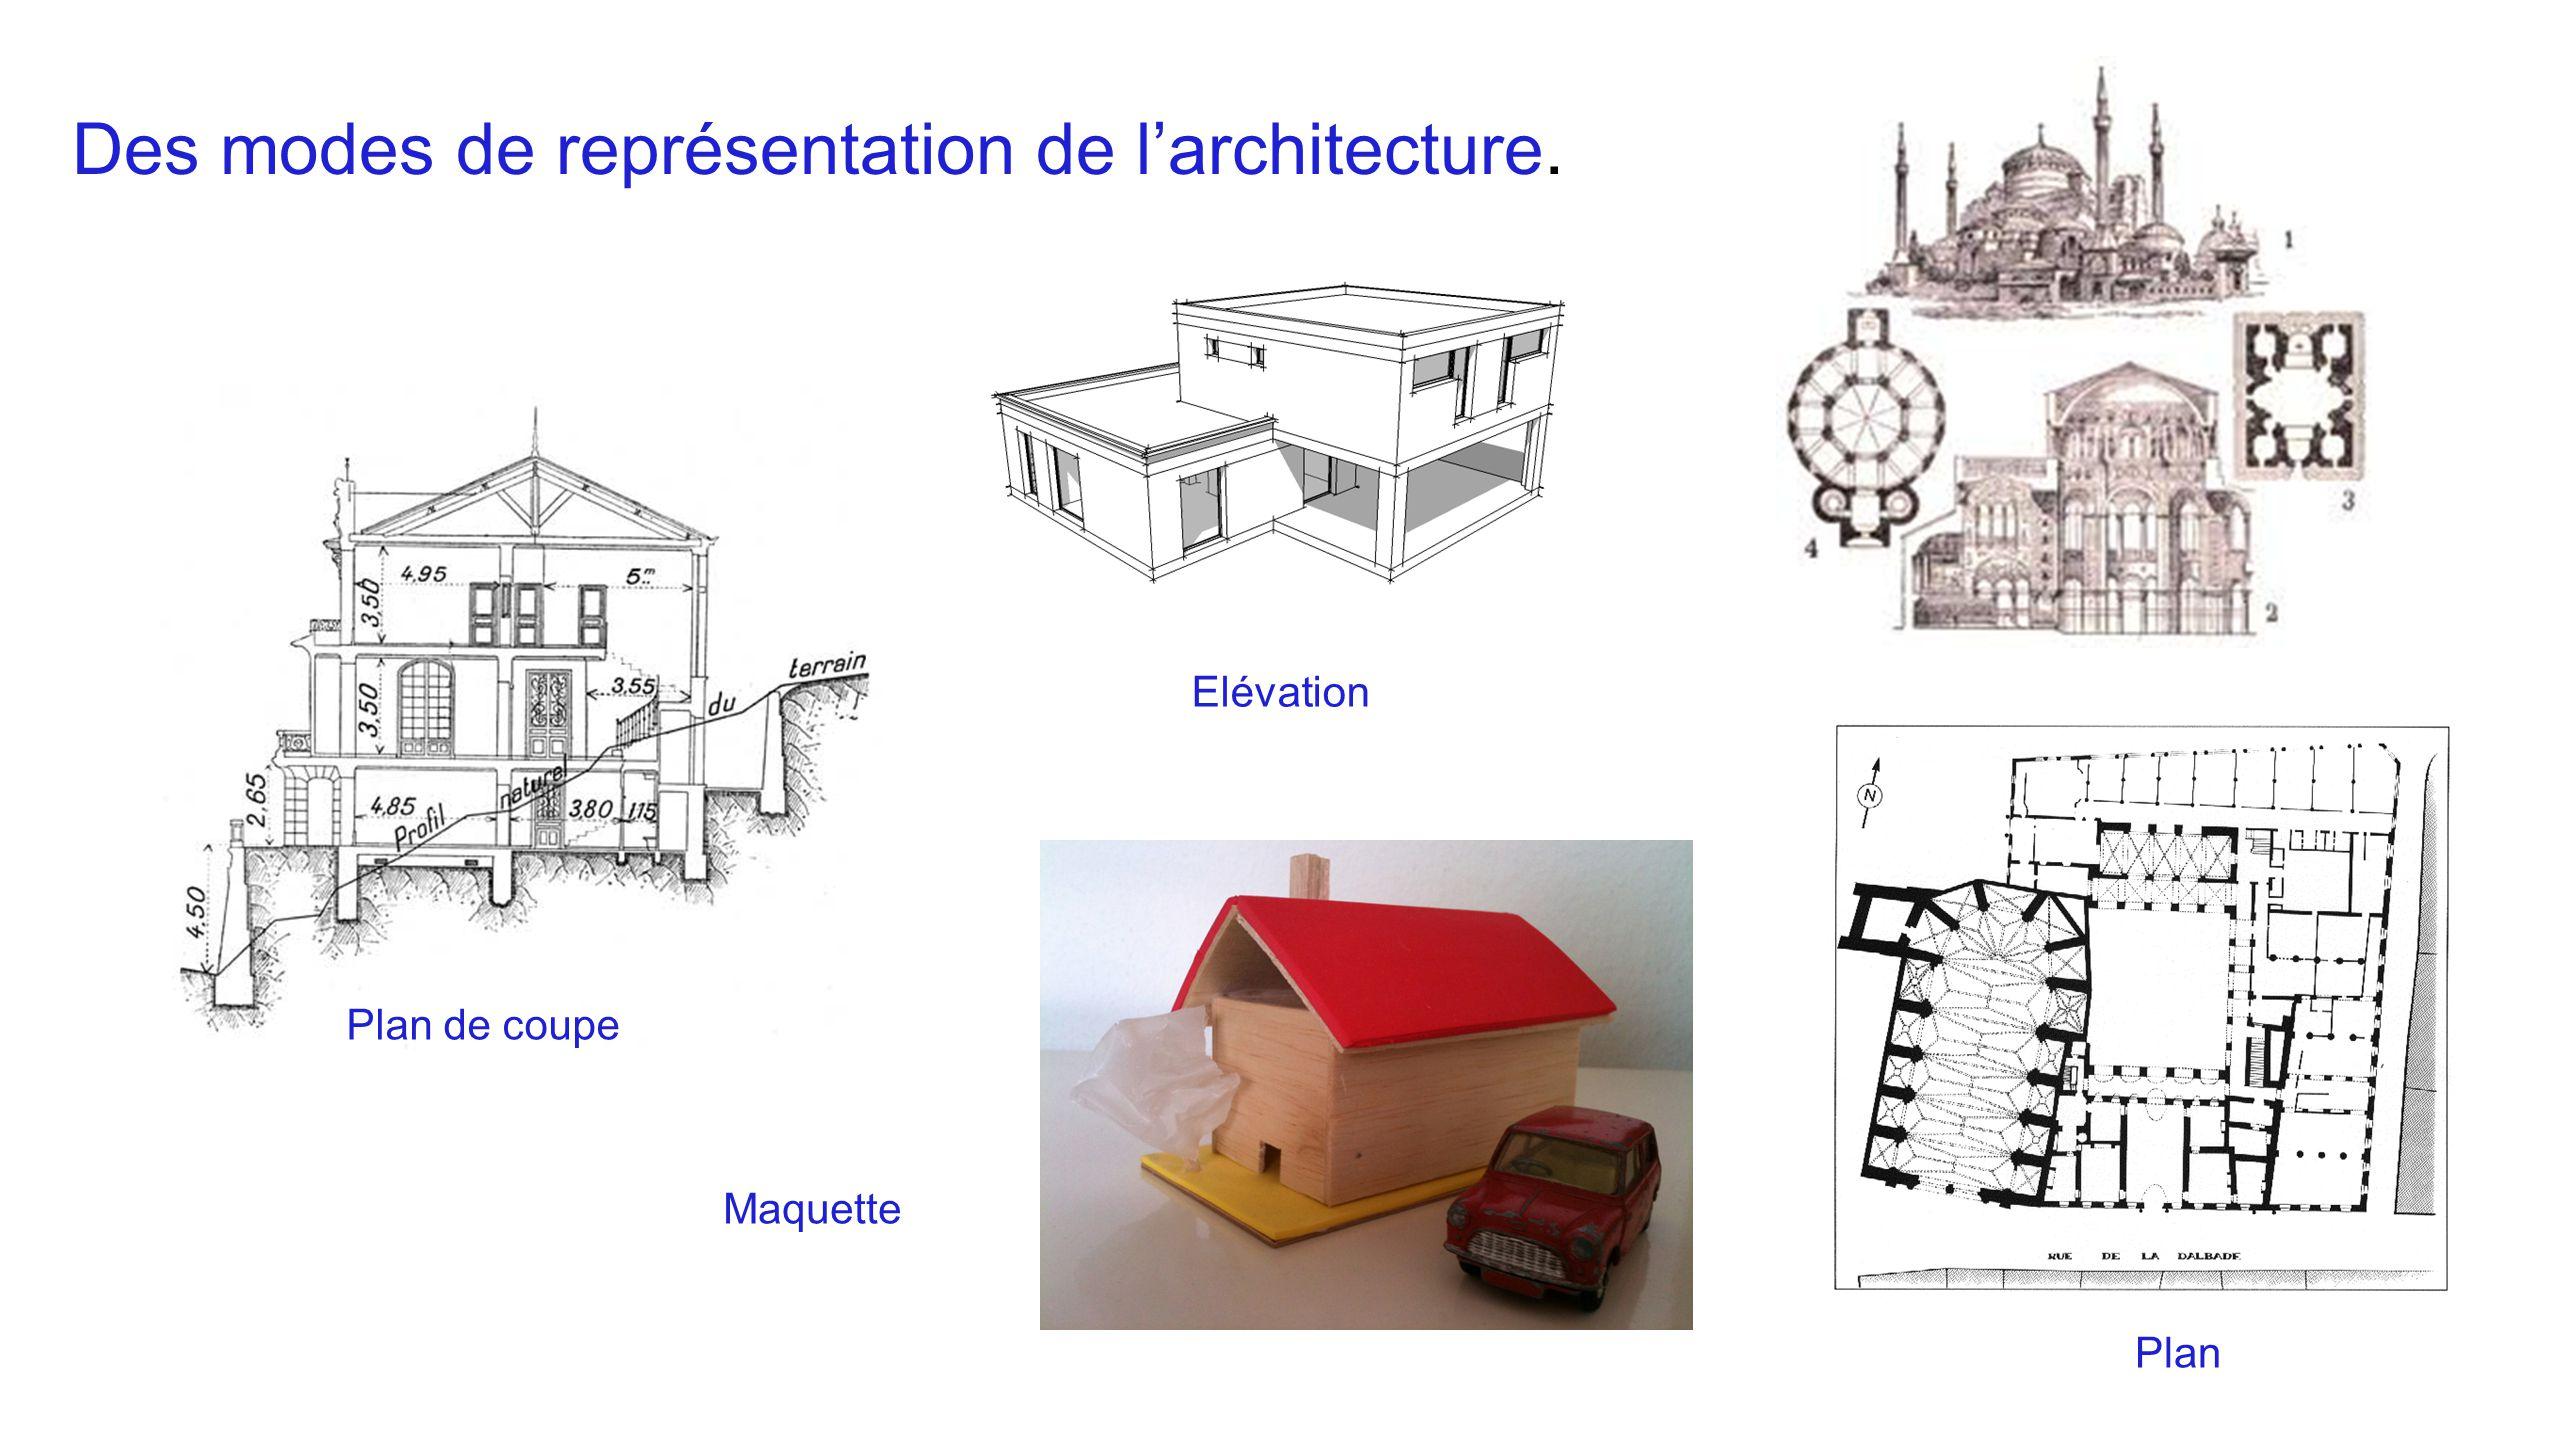 Des modes de représentation de l'architecture.